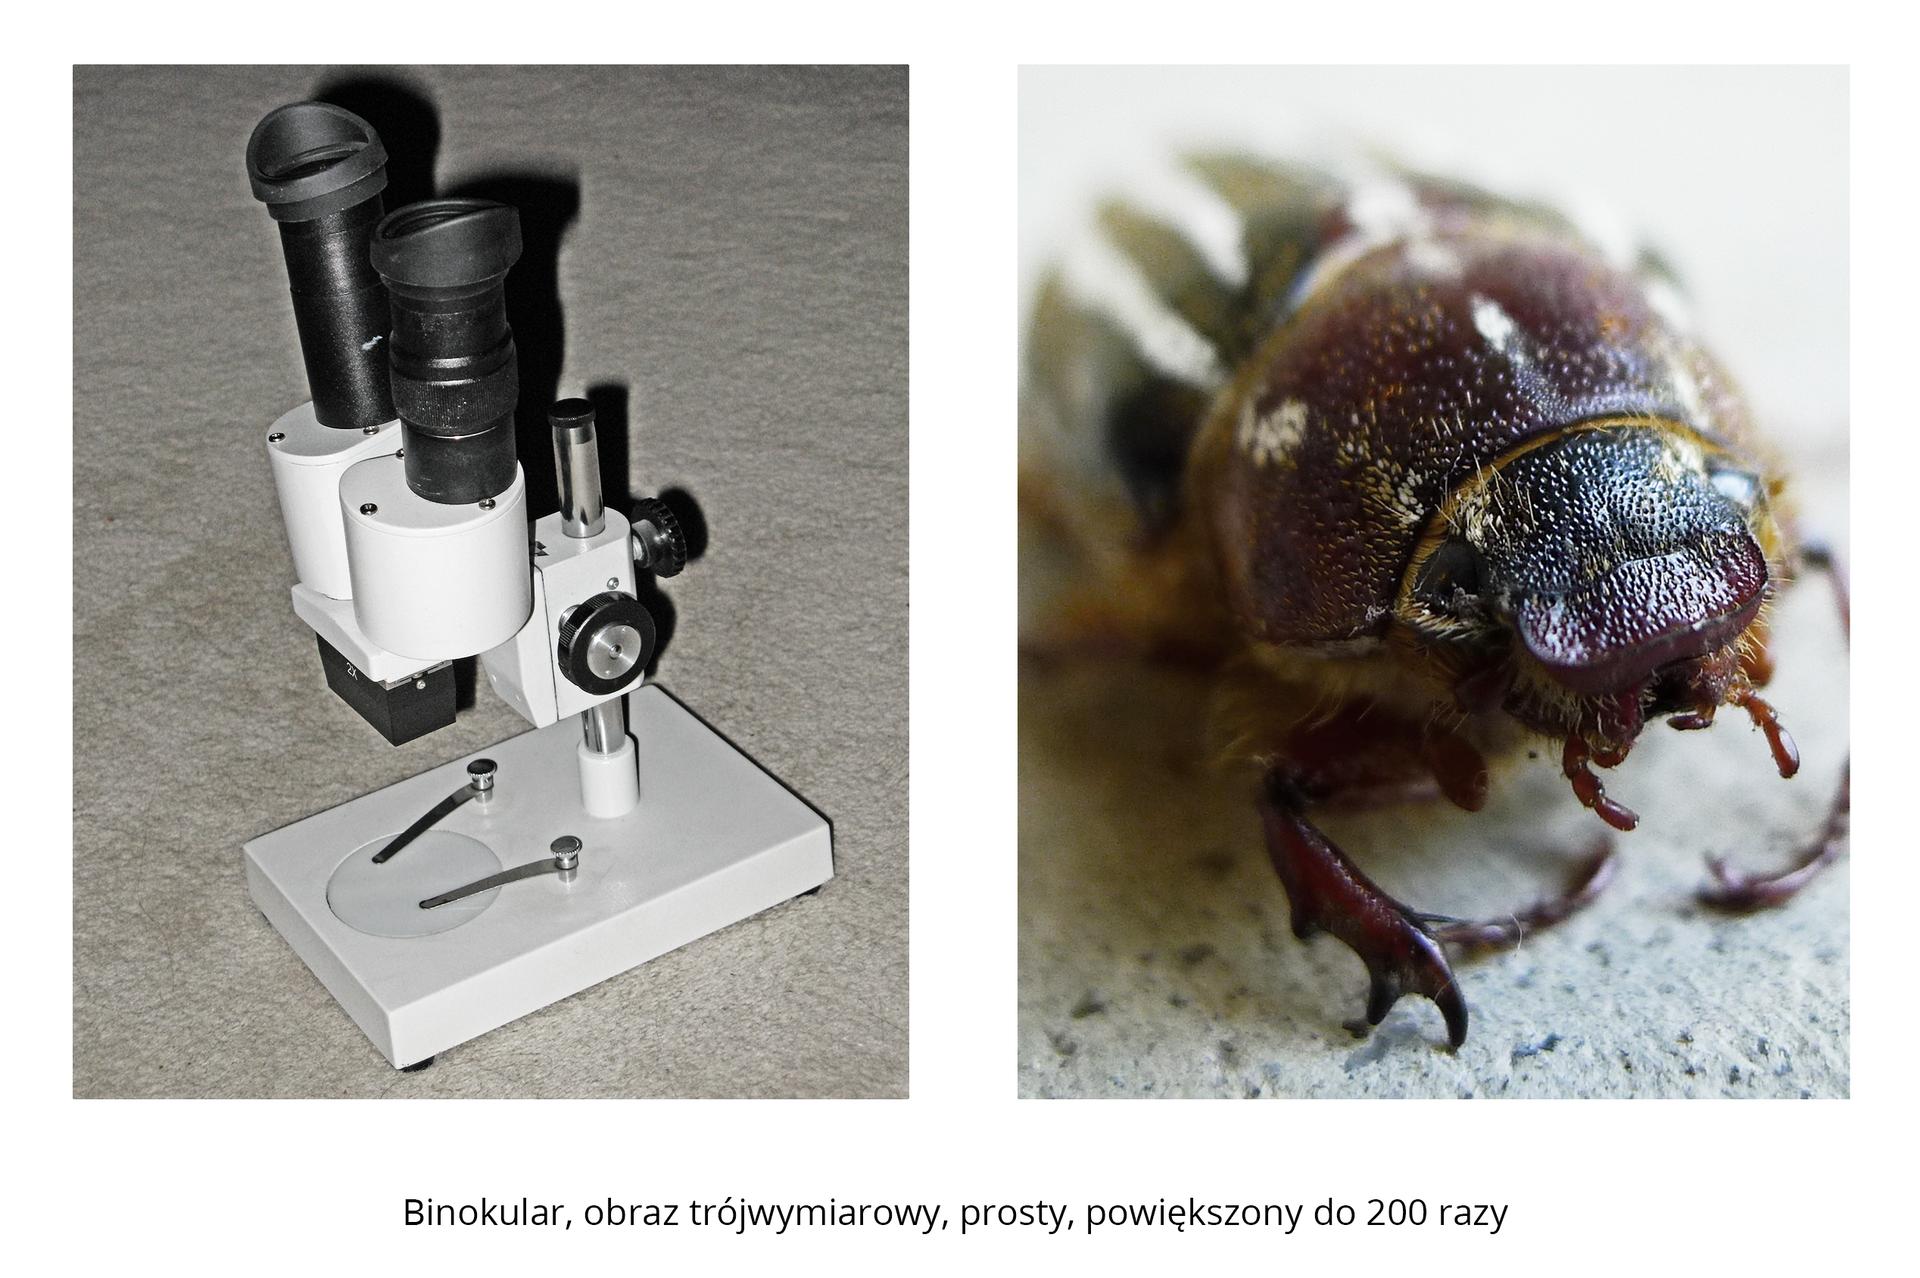 Galeria składa się ztrzech fotografii. Druga fotografia składa się zdwóch części. Lewa przedstawia binokular, podobny do mikroskopu. Prawa część przedstawia powiększoną 200 razy głowę chrabąszcza.